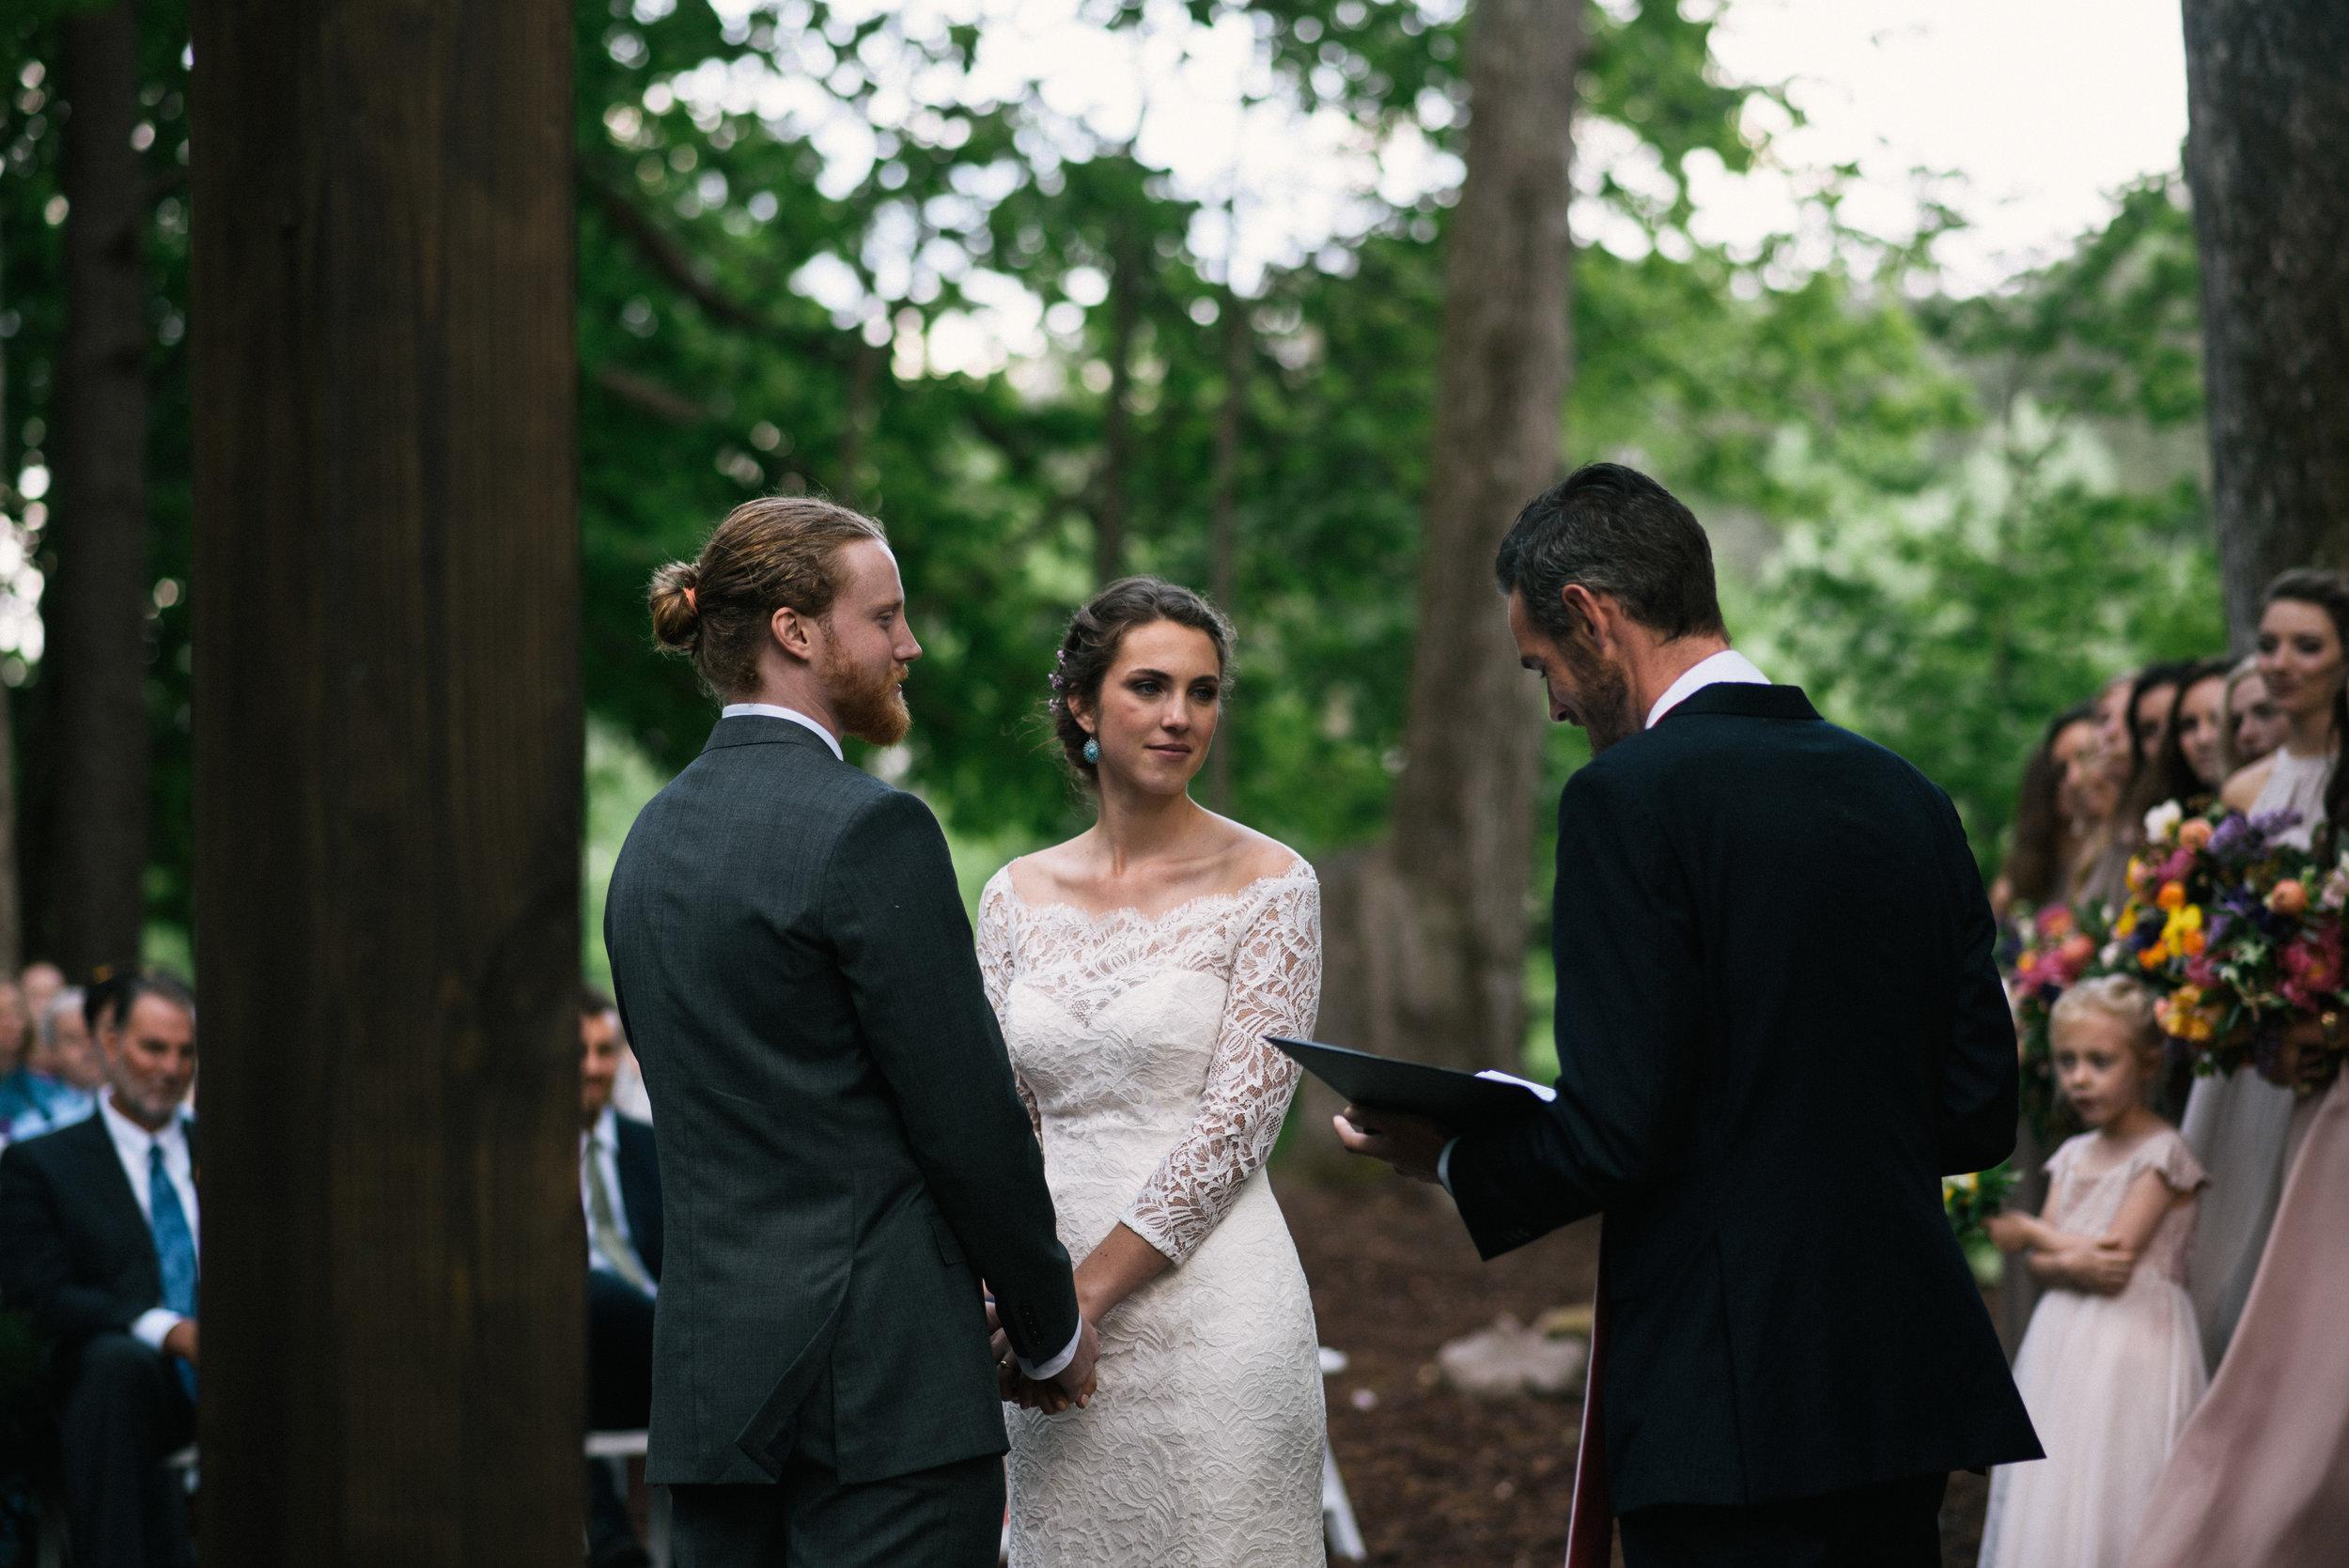 raleigh-elopement-photographer-raleigh-durham-wedding-maddie-and-devin- (111 of 162).jpg